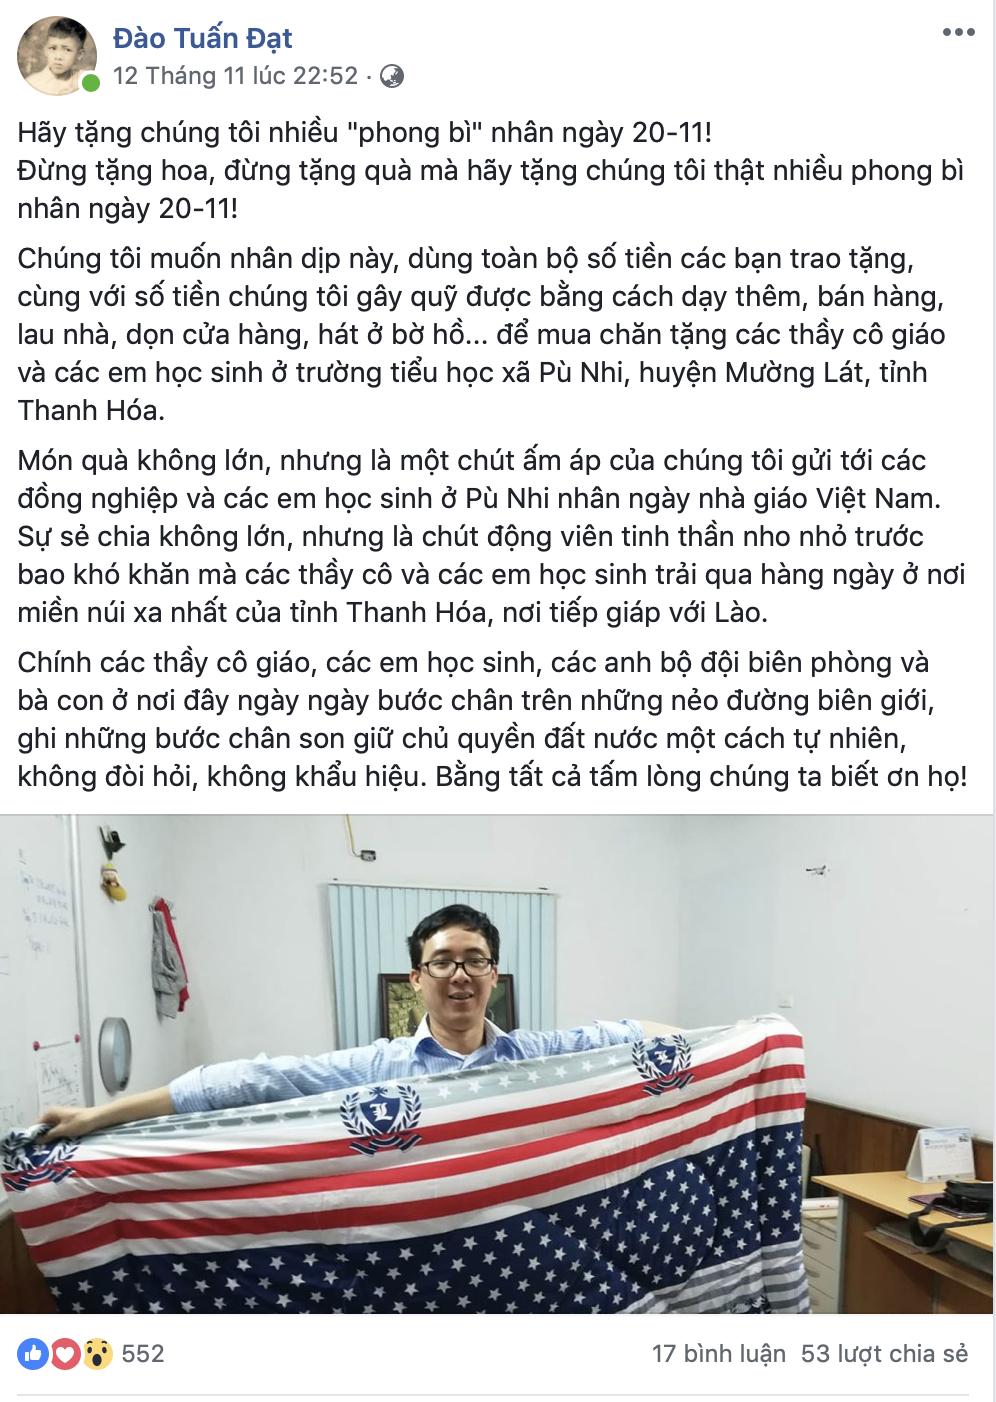 Ngày Nhà giáo Việt Nam  20/11: Giáo viên, hoa tươi và phong bì… - Ảnh 1